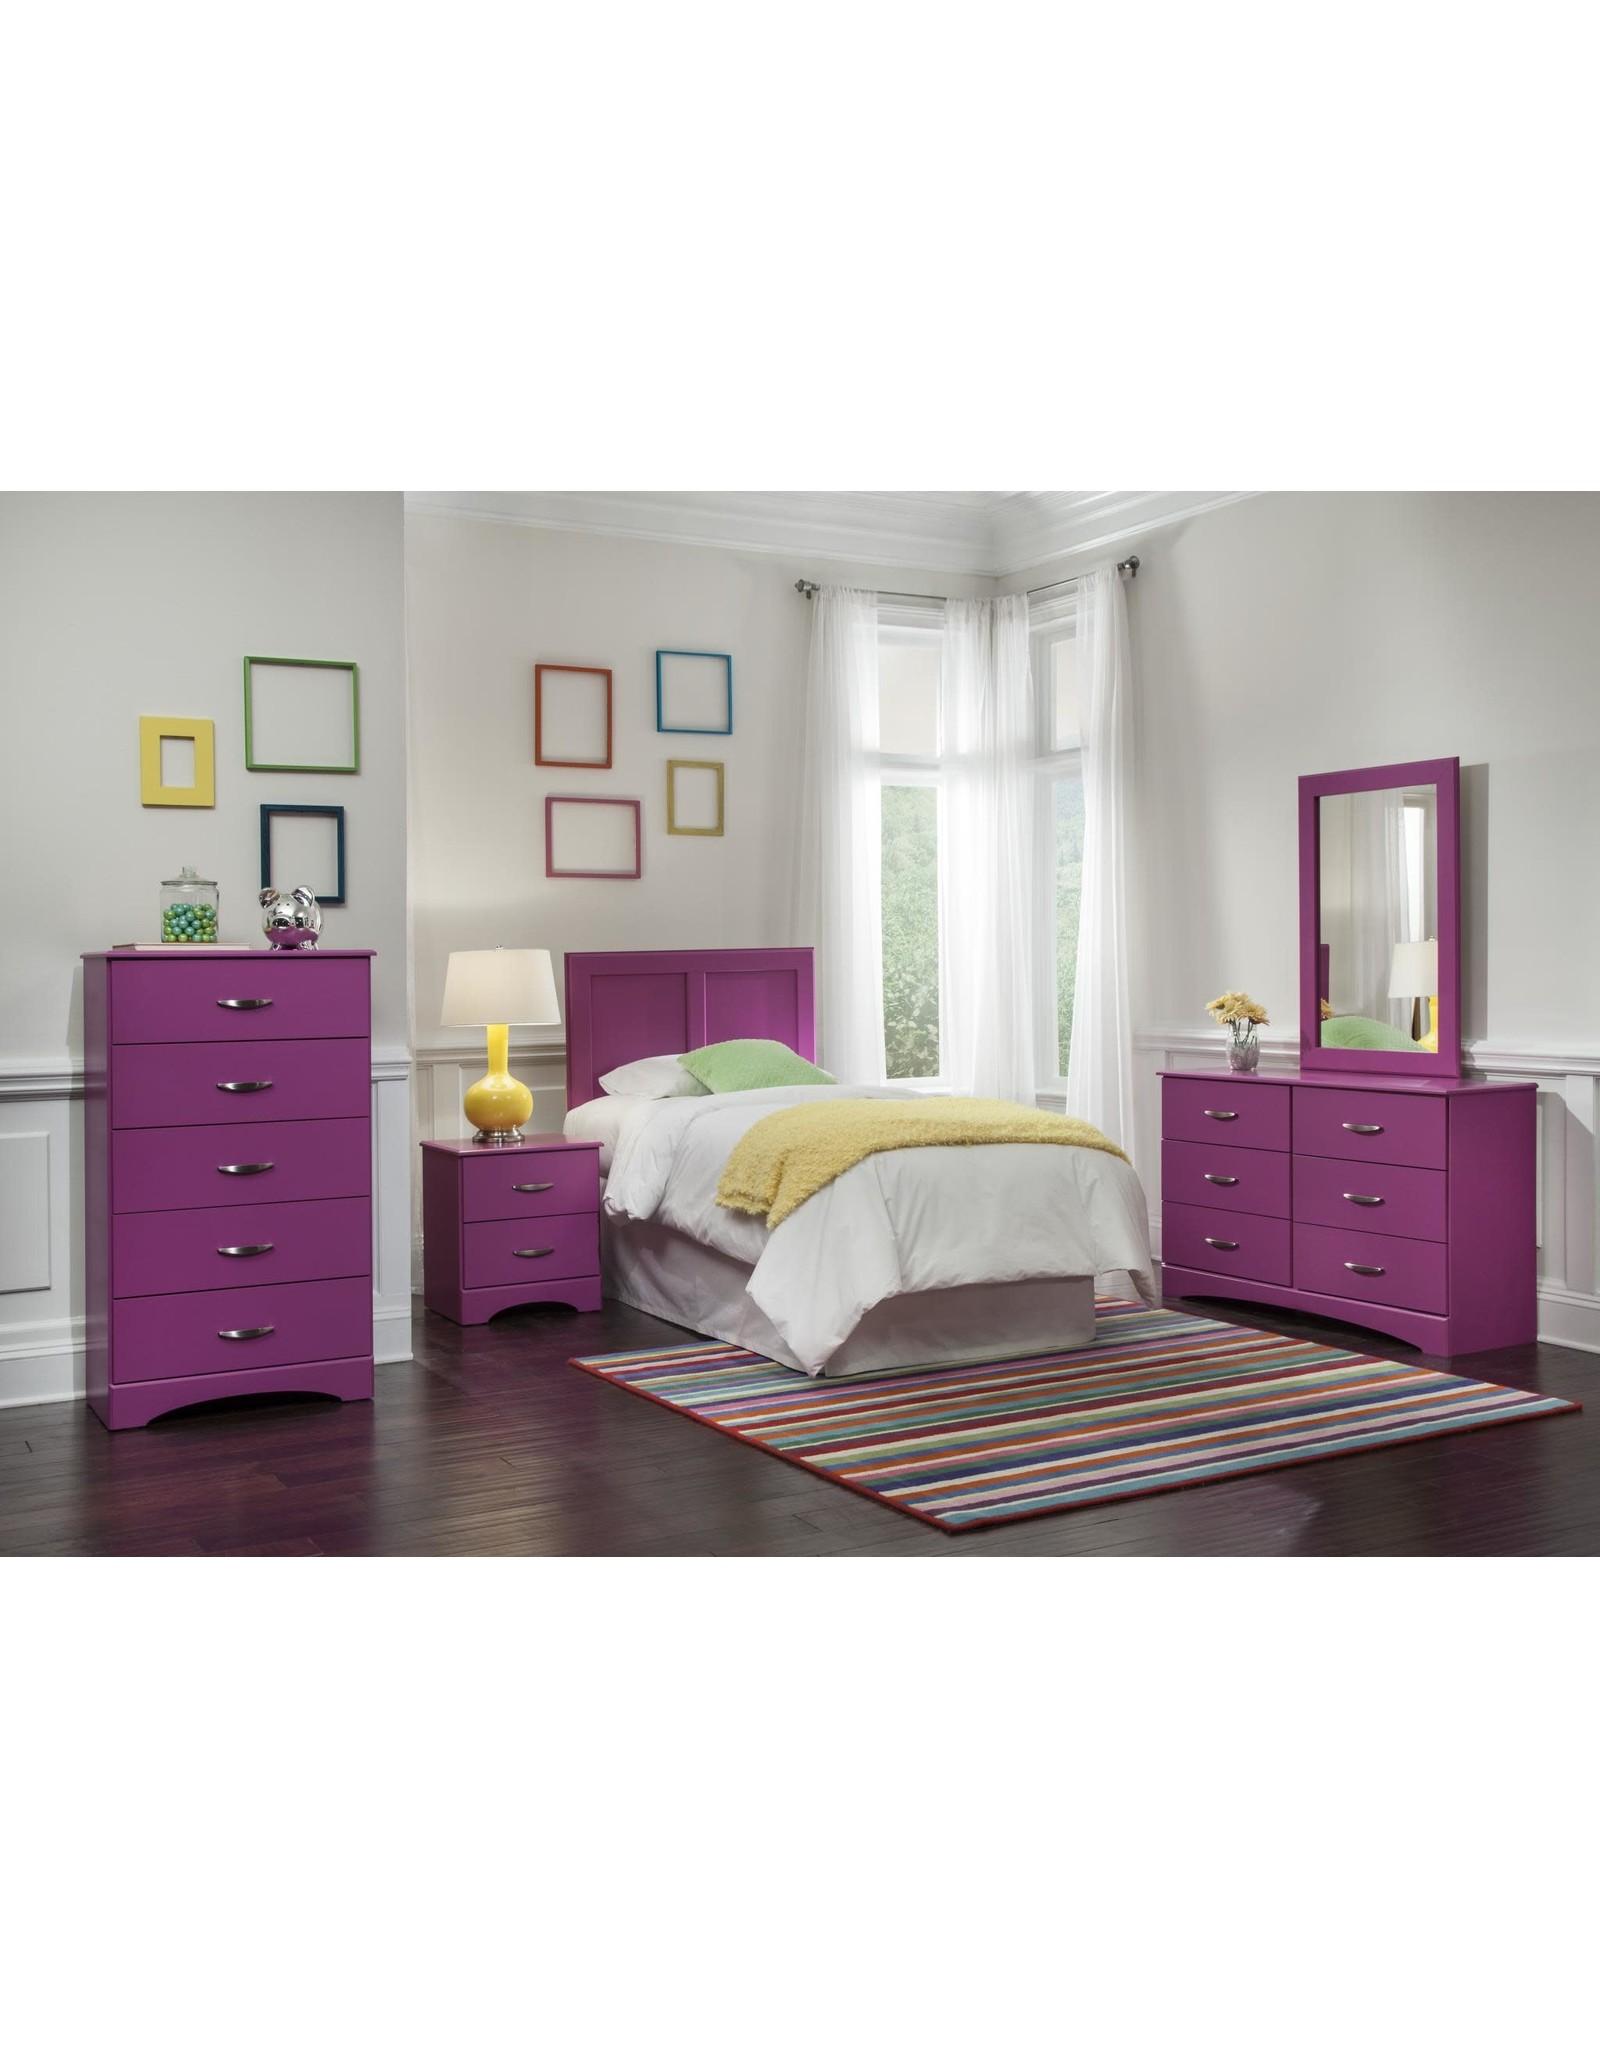 171-12/01 Dresser/Mirror